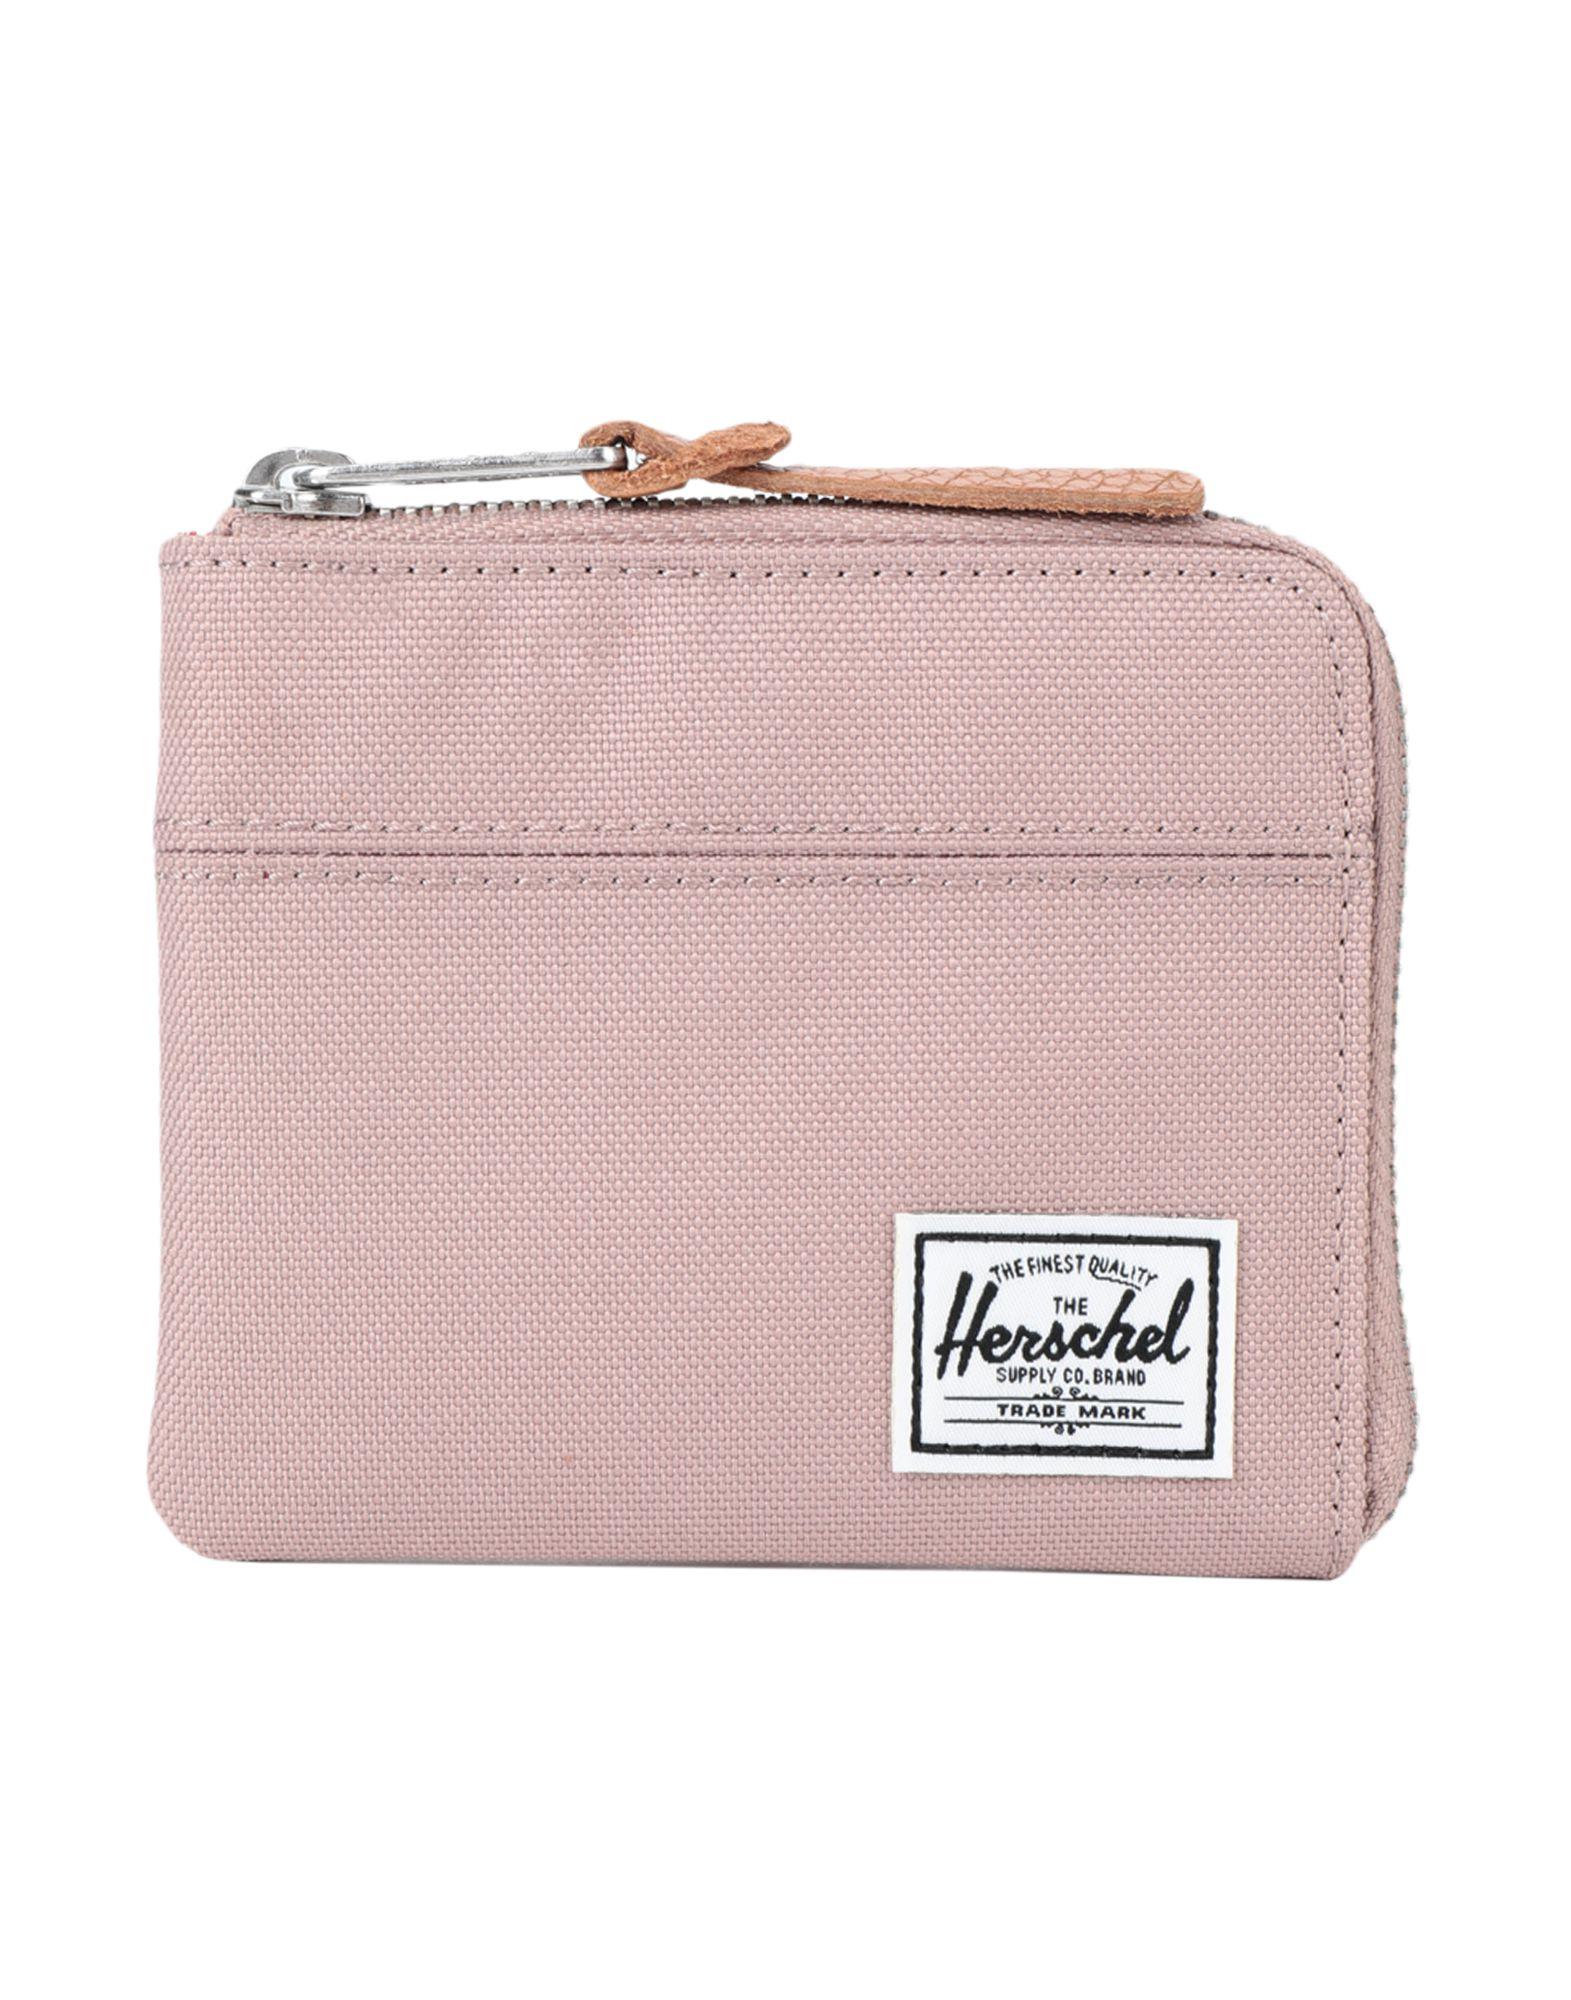 HERSCHEL SUPPLY CO. Бумажник рюкзак herschel supply co herschel supply co he013buaoib7